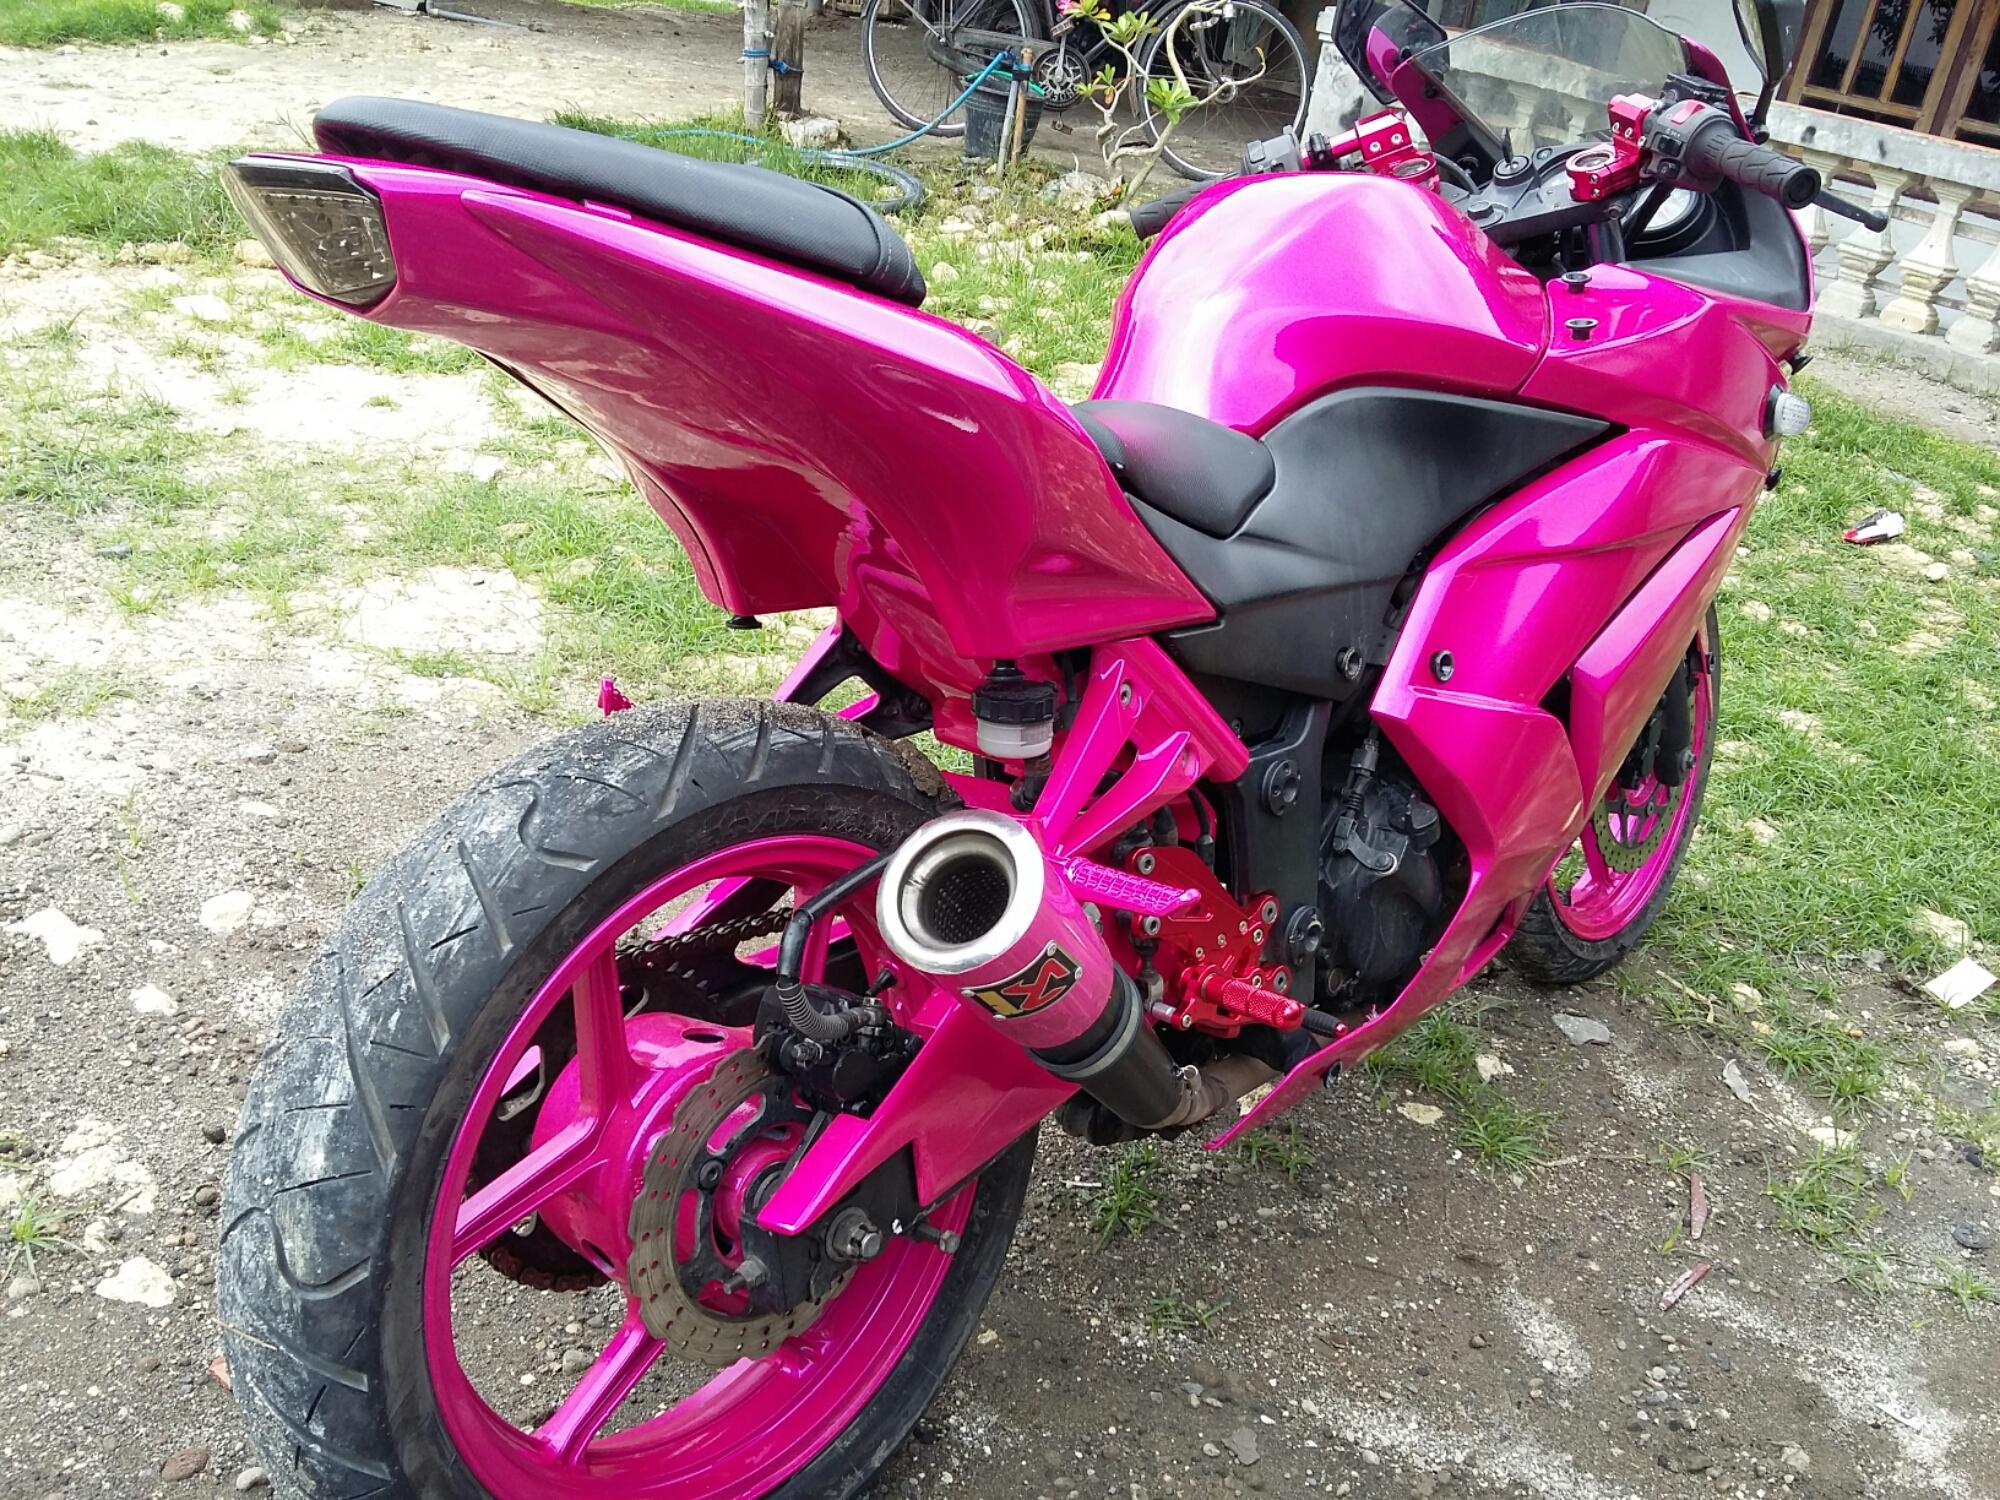 Motor Modifikasi Terkini Modifikasi Motor Vixion Warna Pink